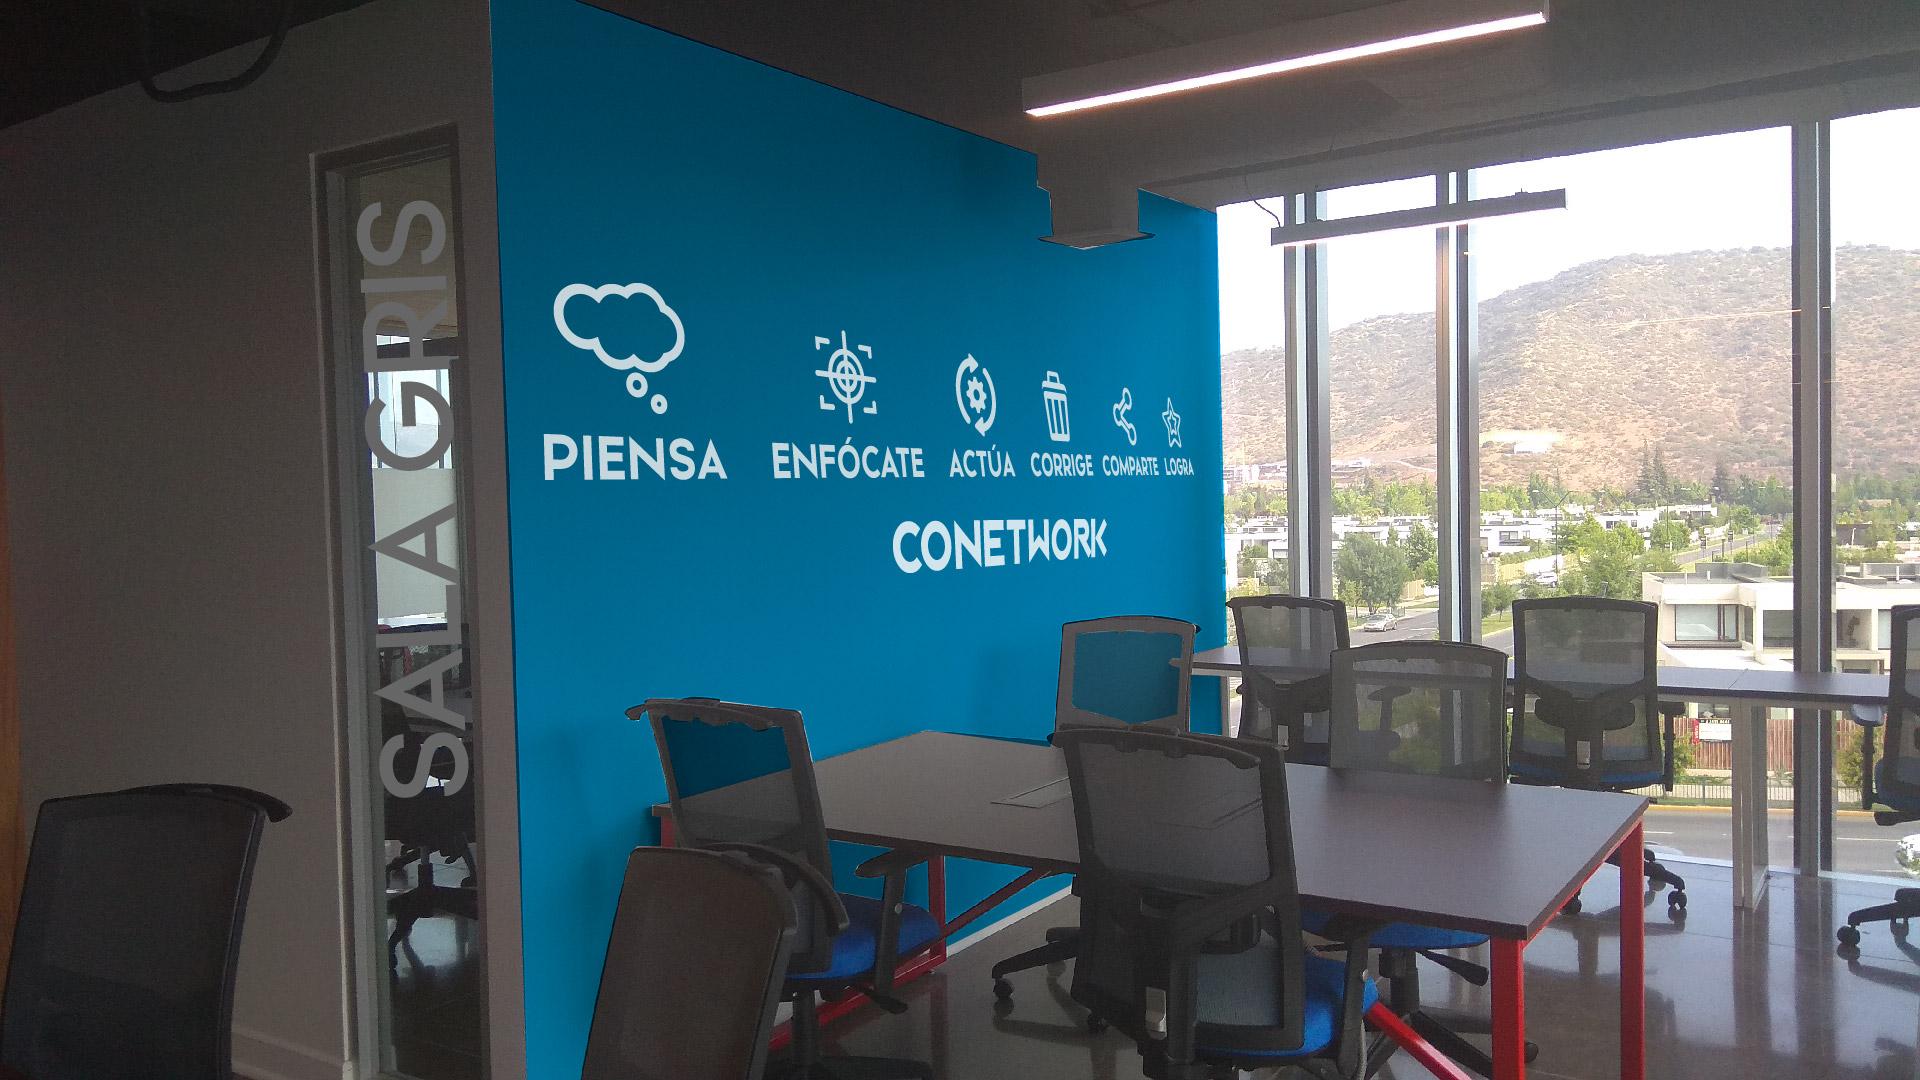 Conetwork, Santiago